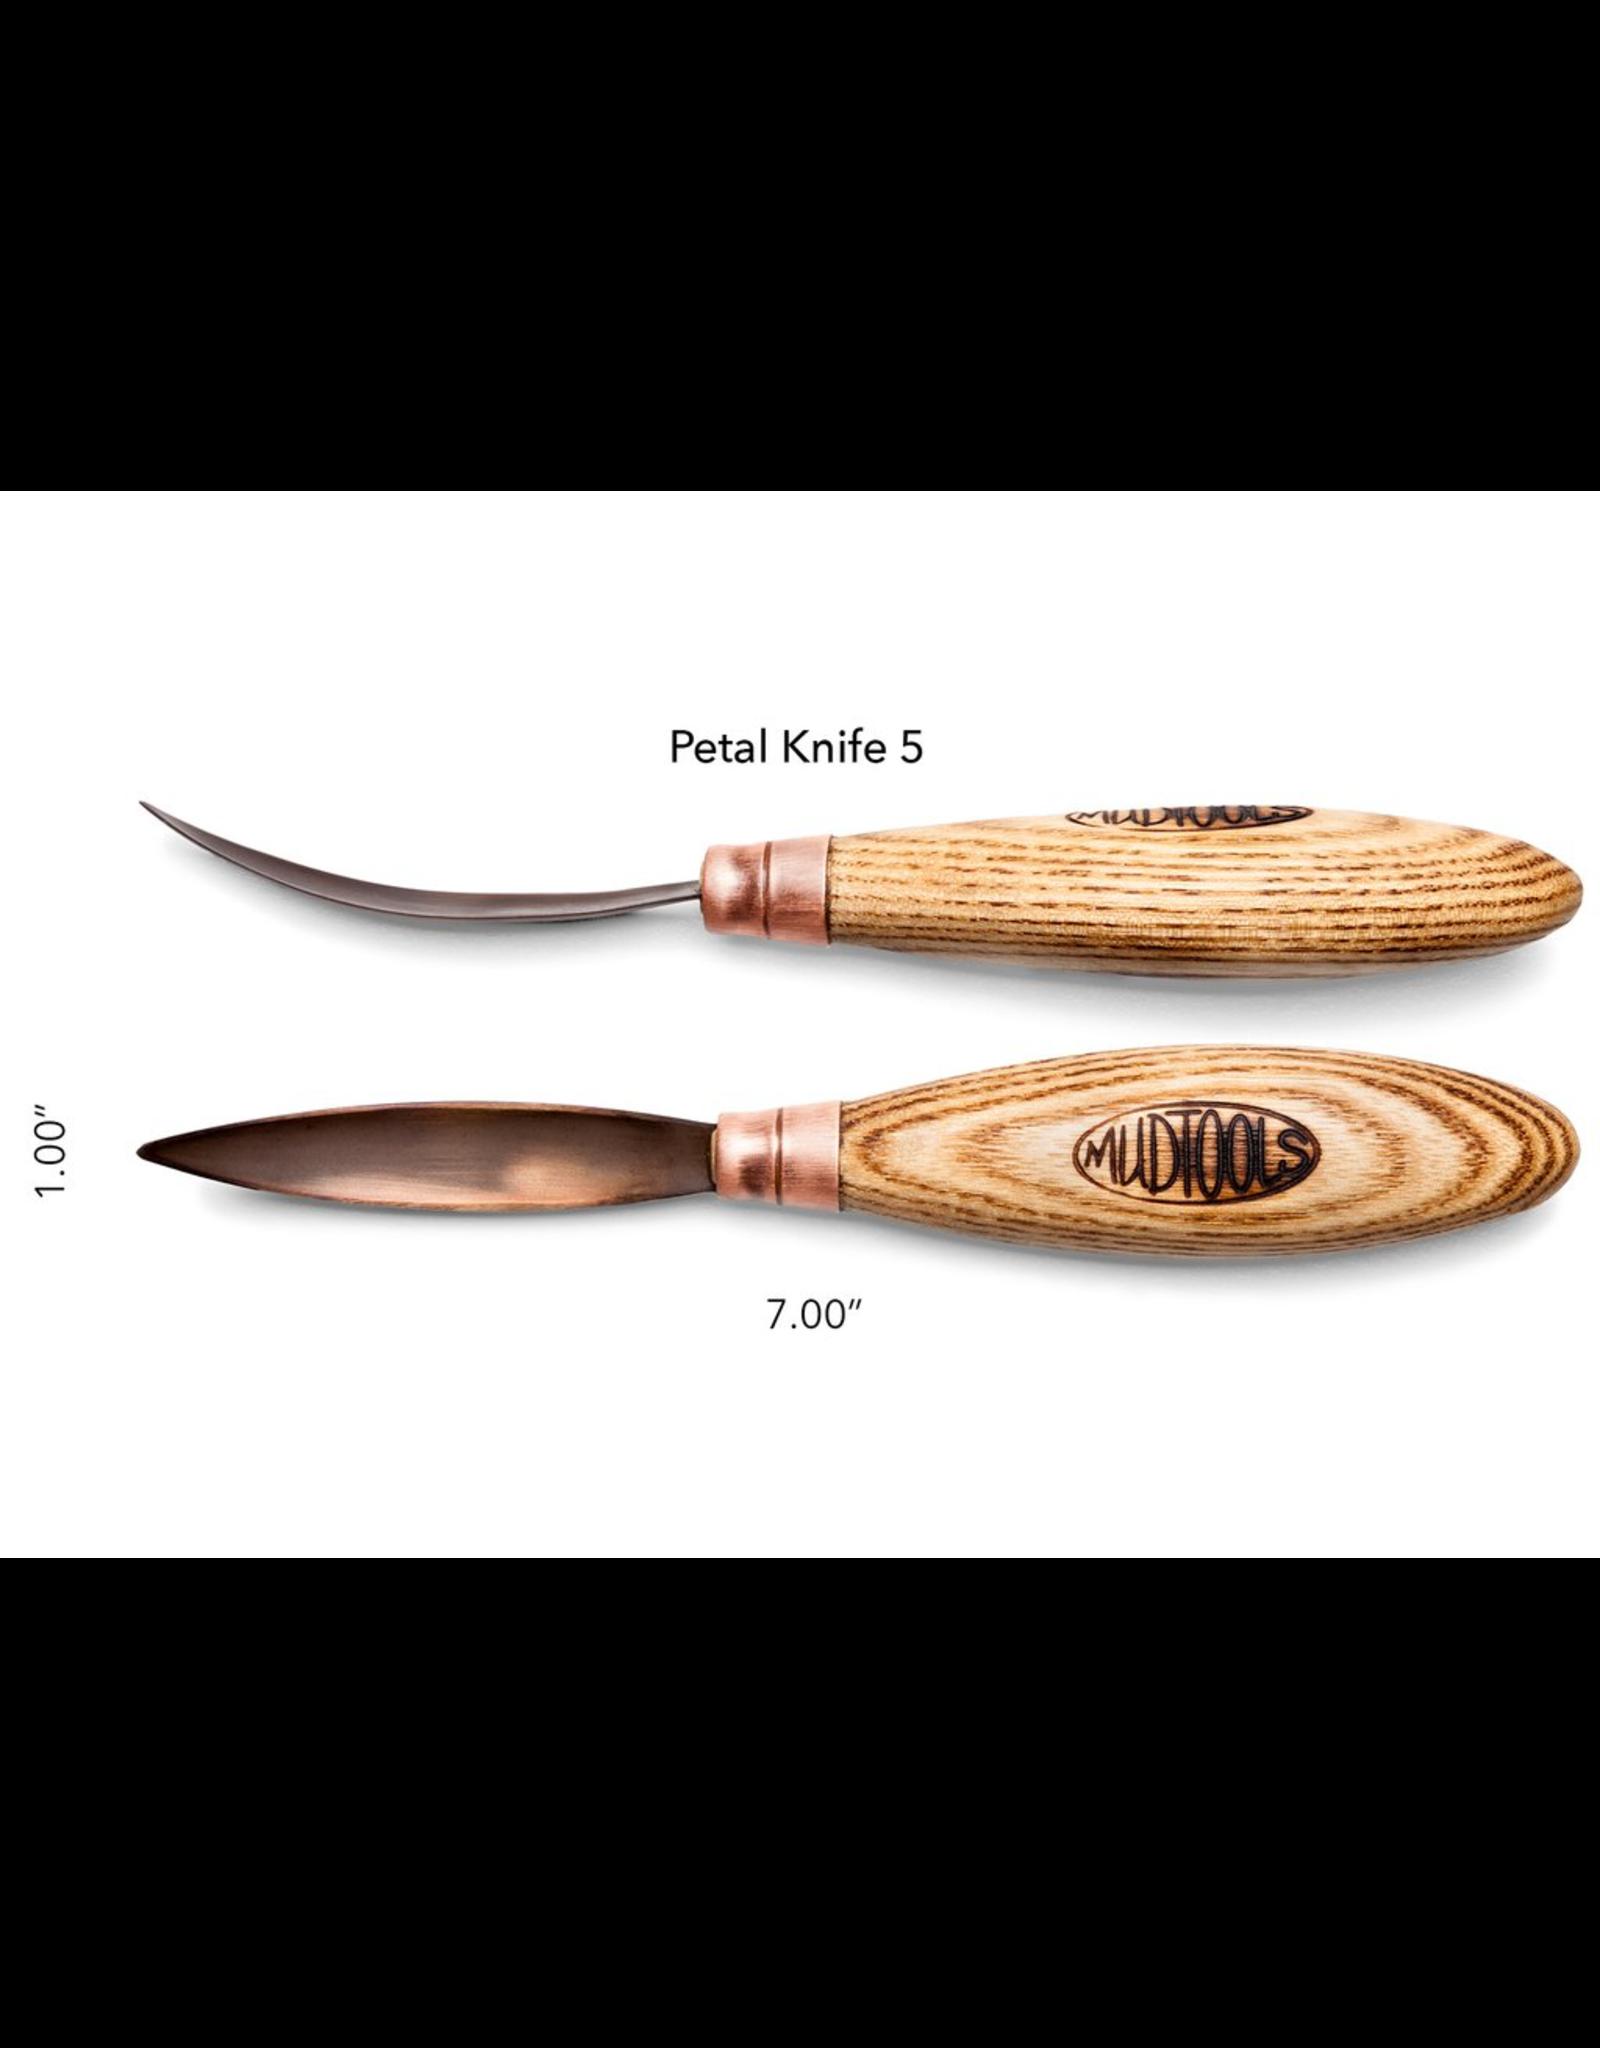 Mudtools Petal Knife (blade 5)